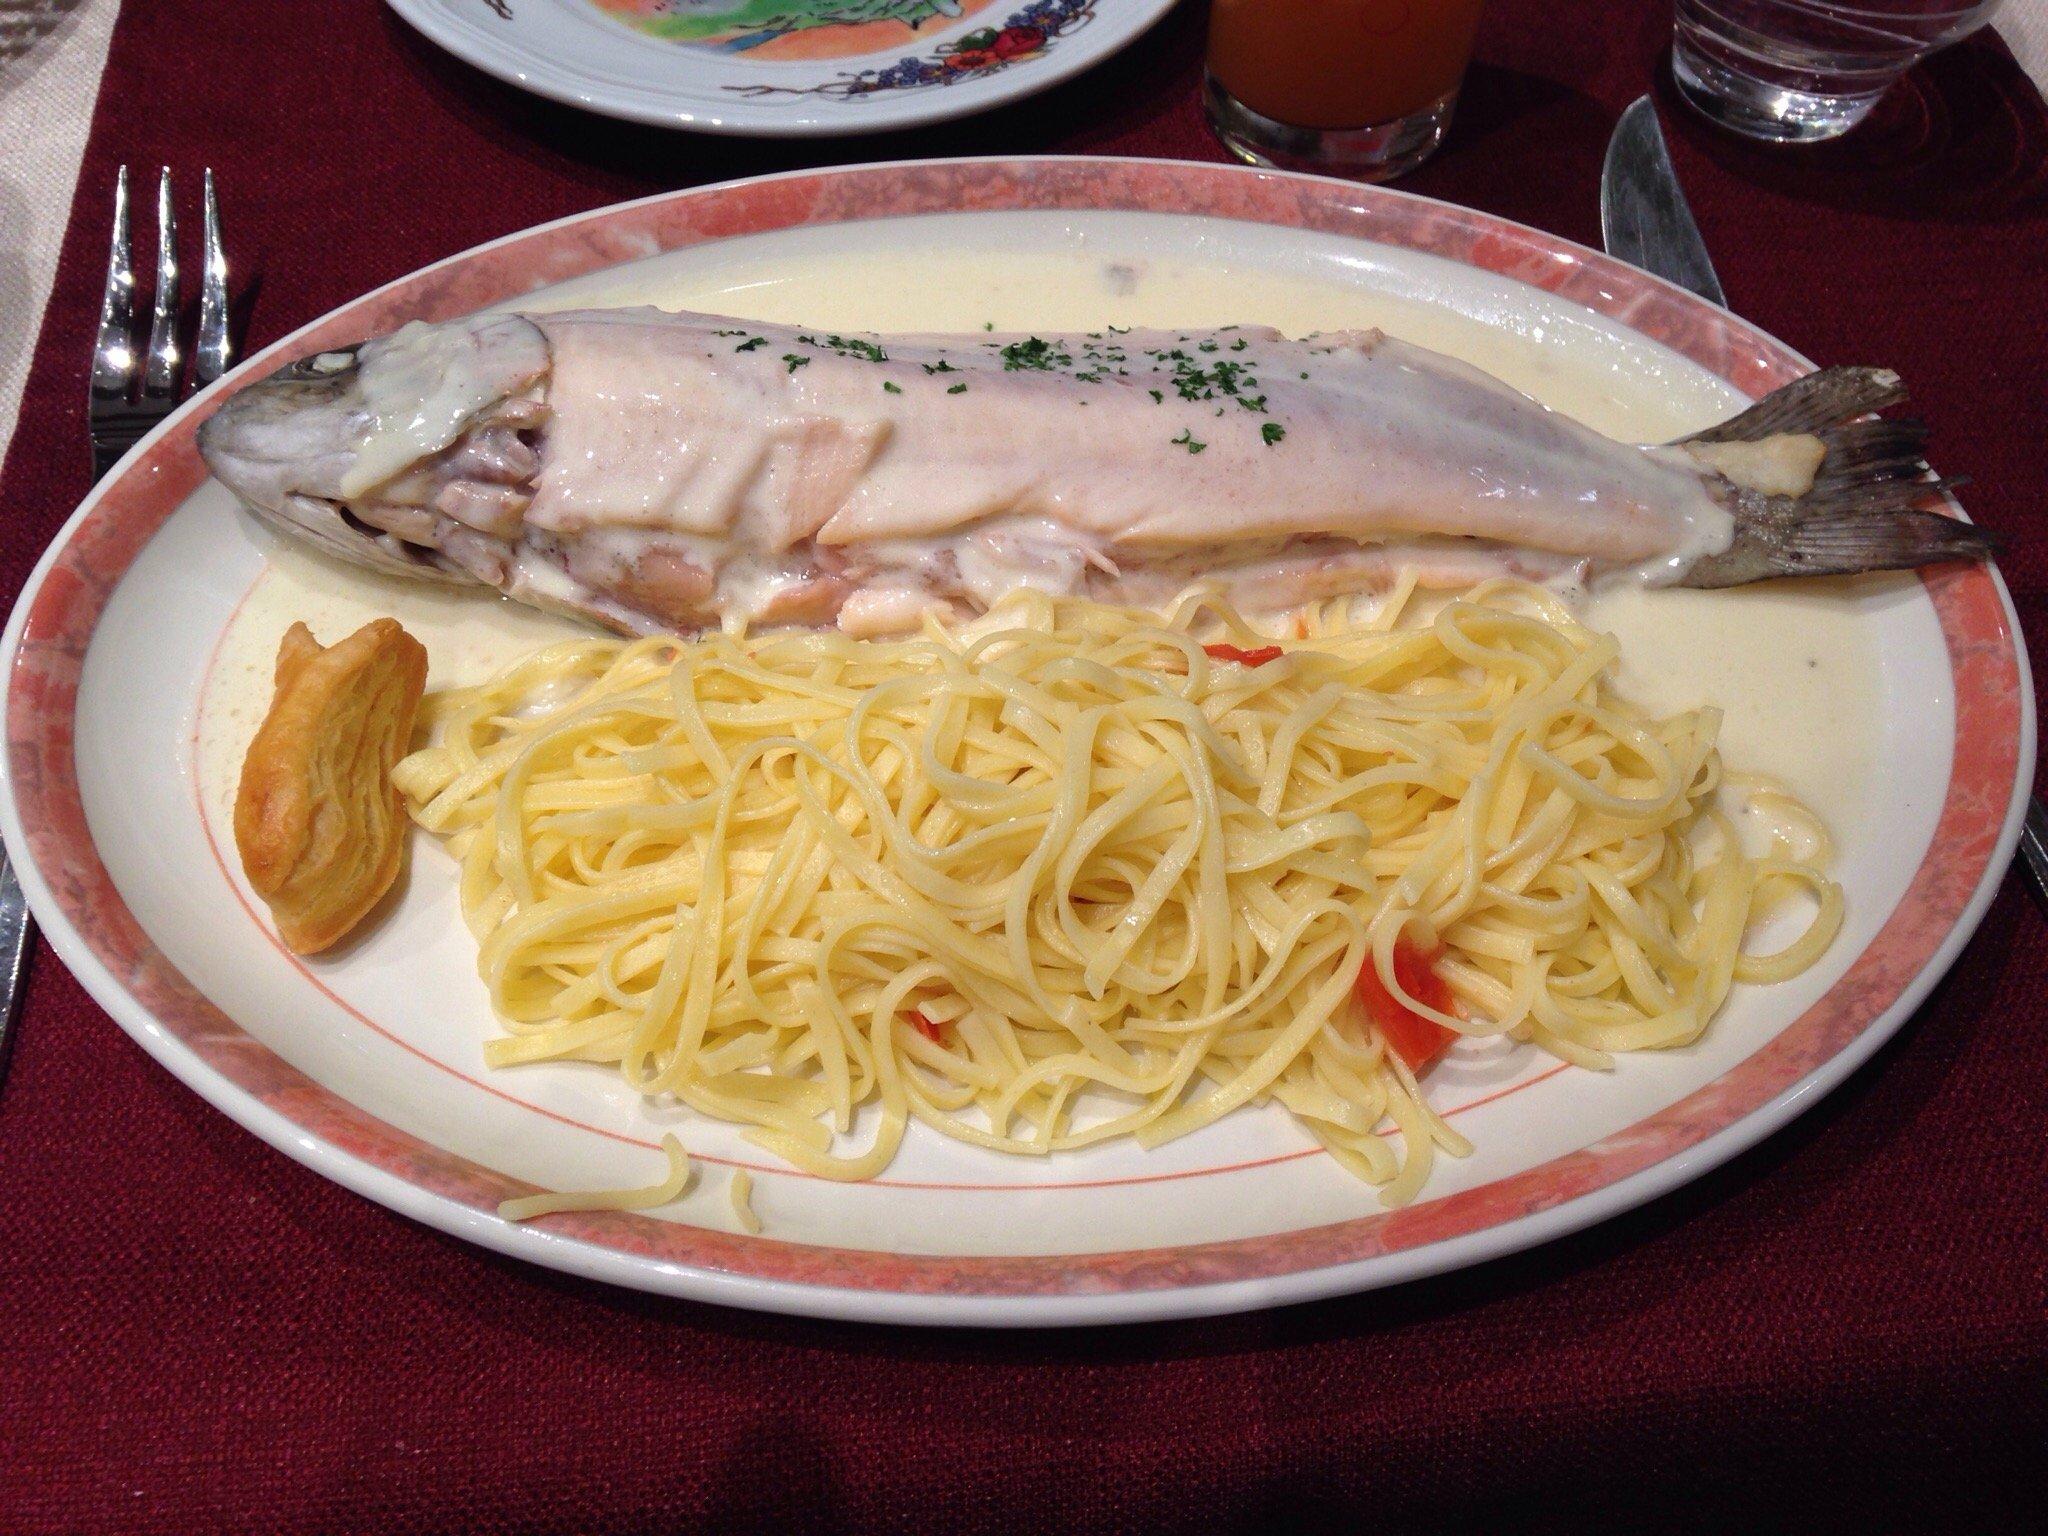 Restaurant au bon coin wintzenheim restaurant avis - Bon coin haut rhin ameublement ...